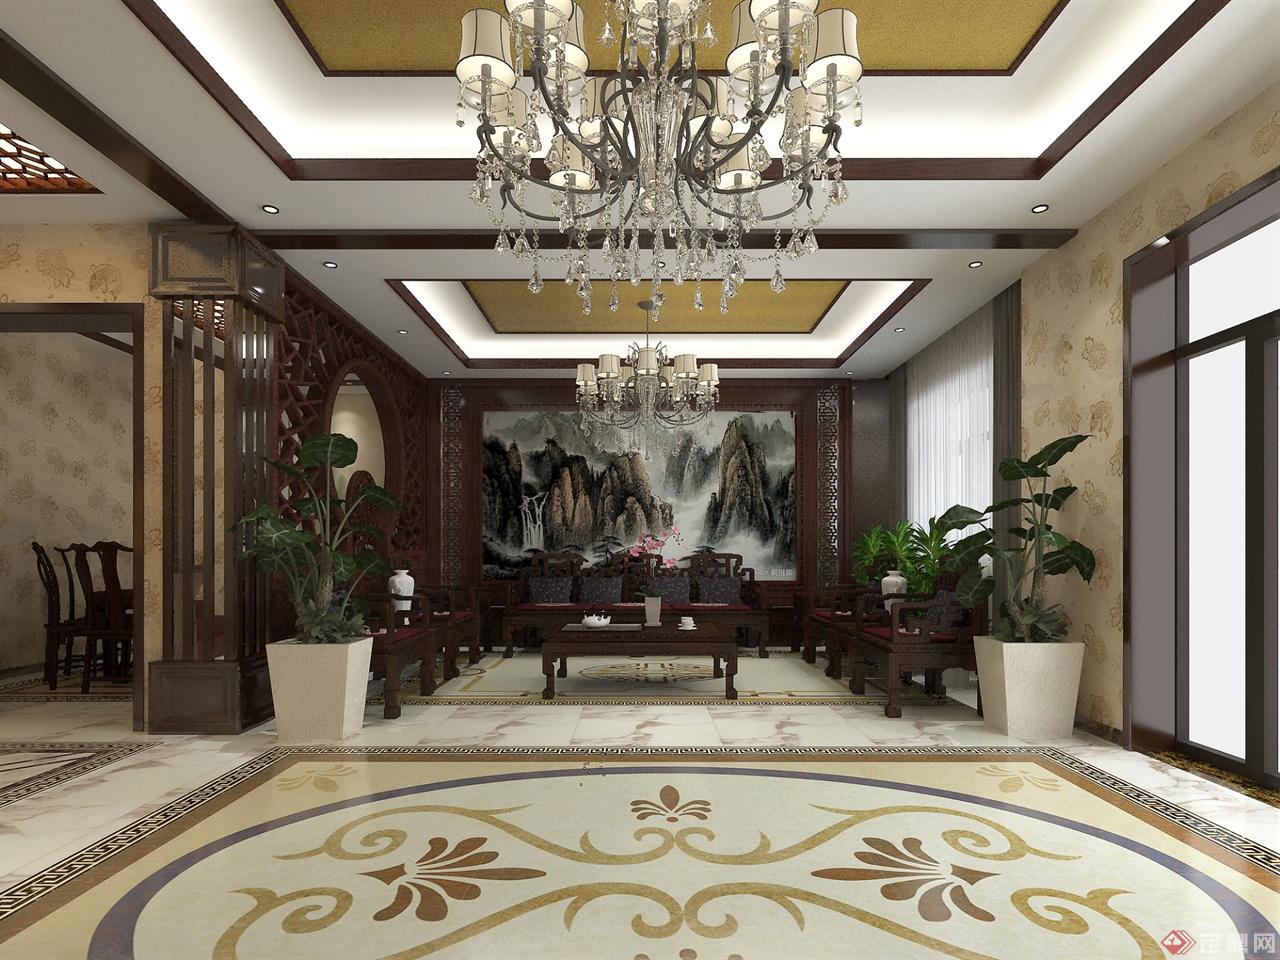 中式别墅室内装修图-大鹏室内装饰设计